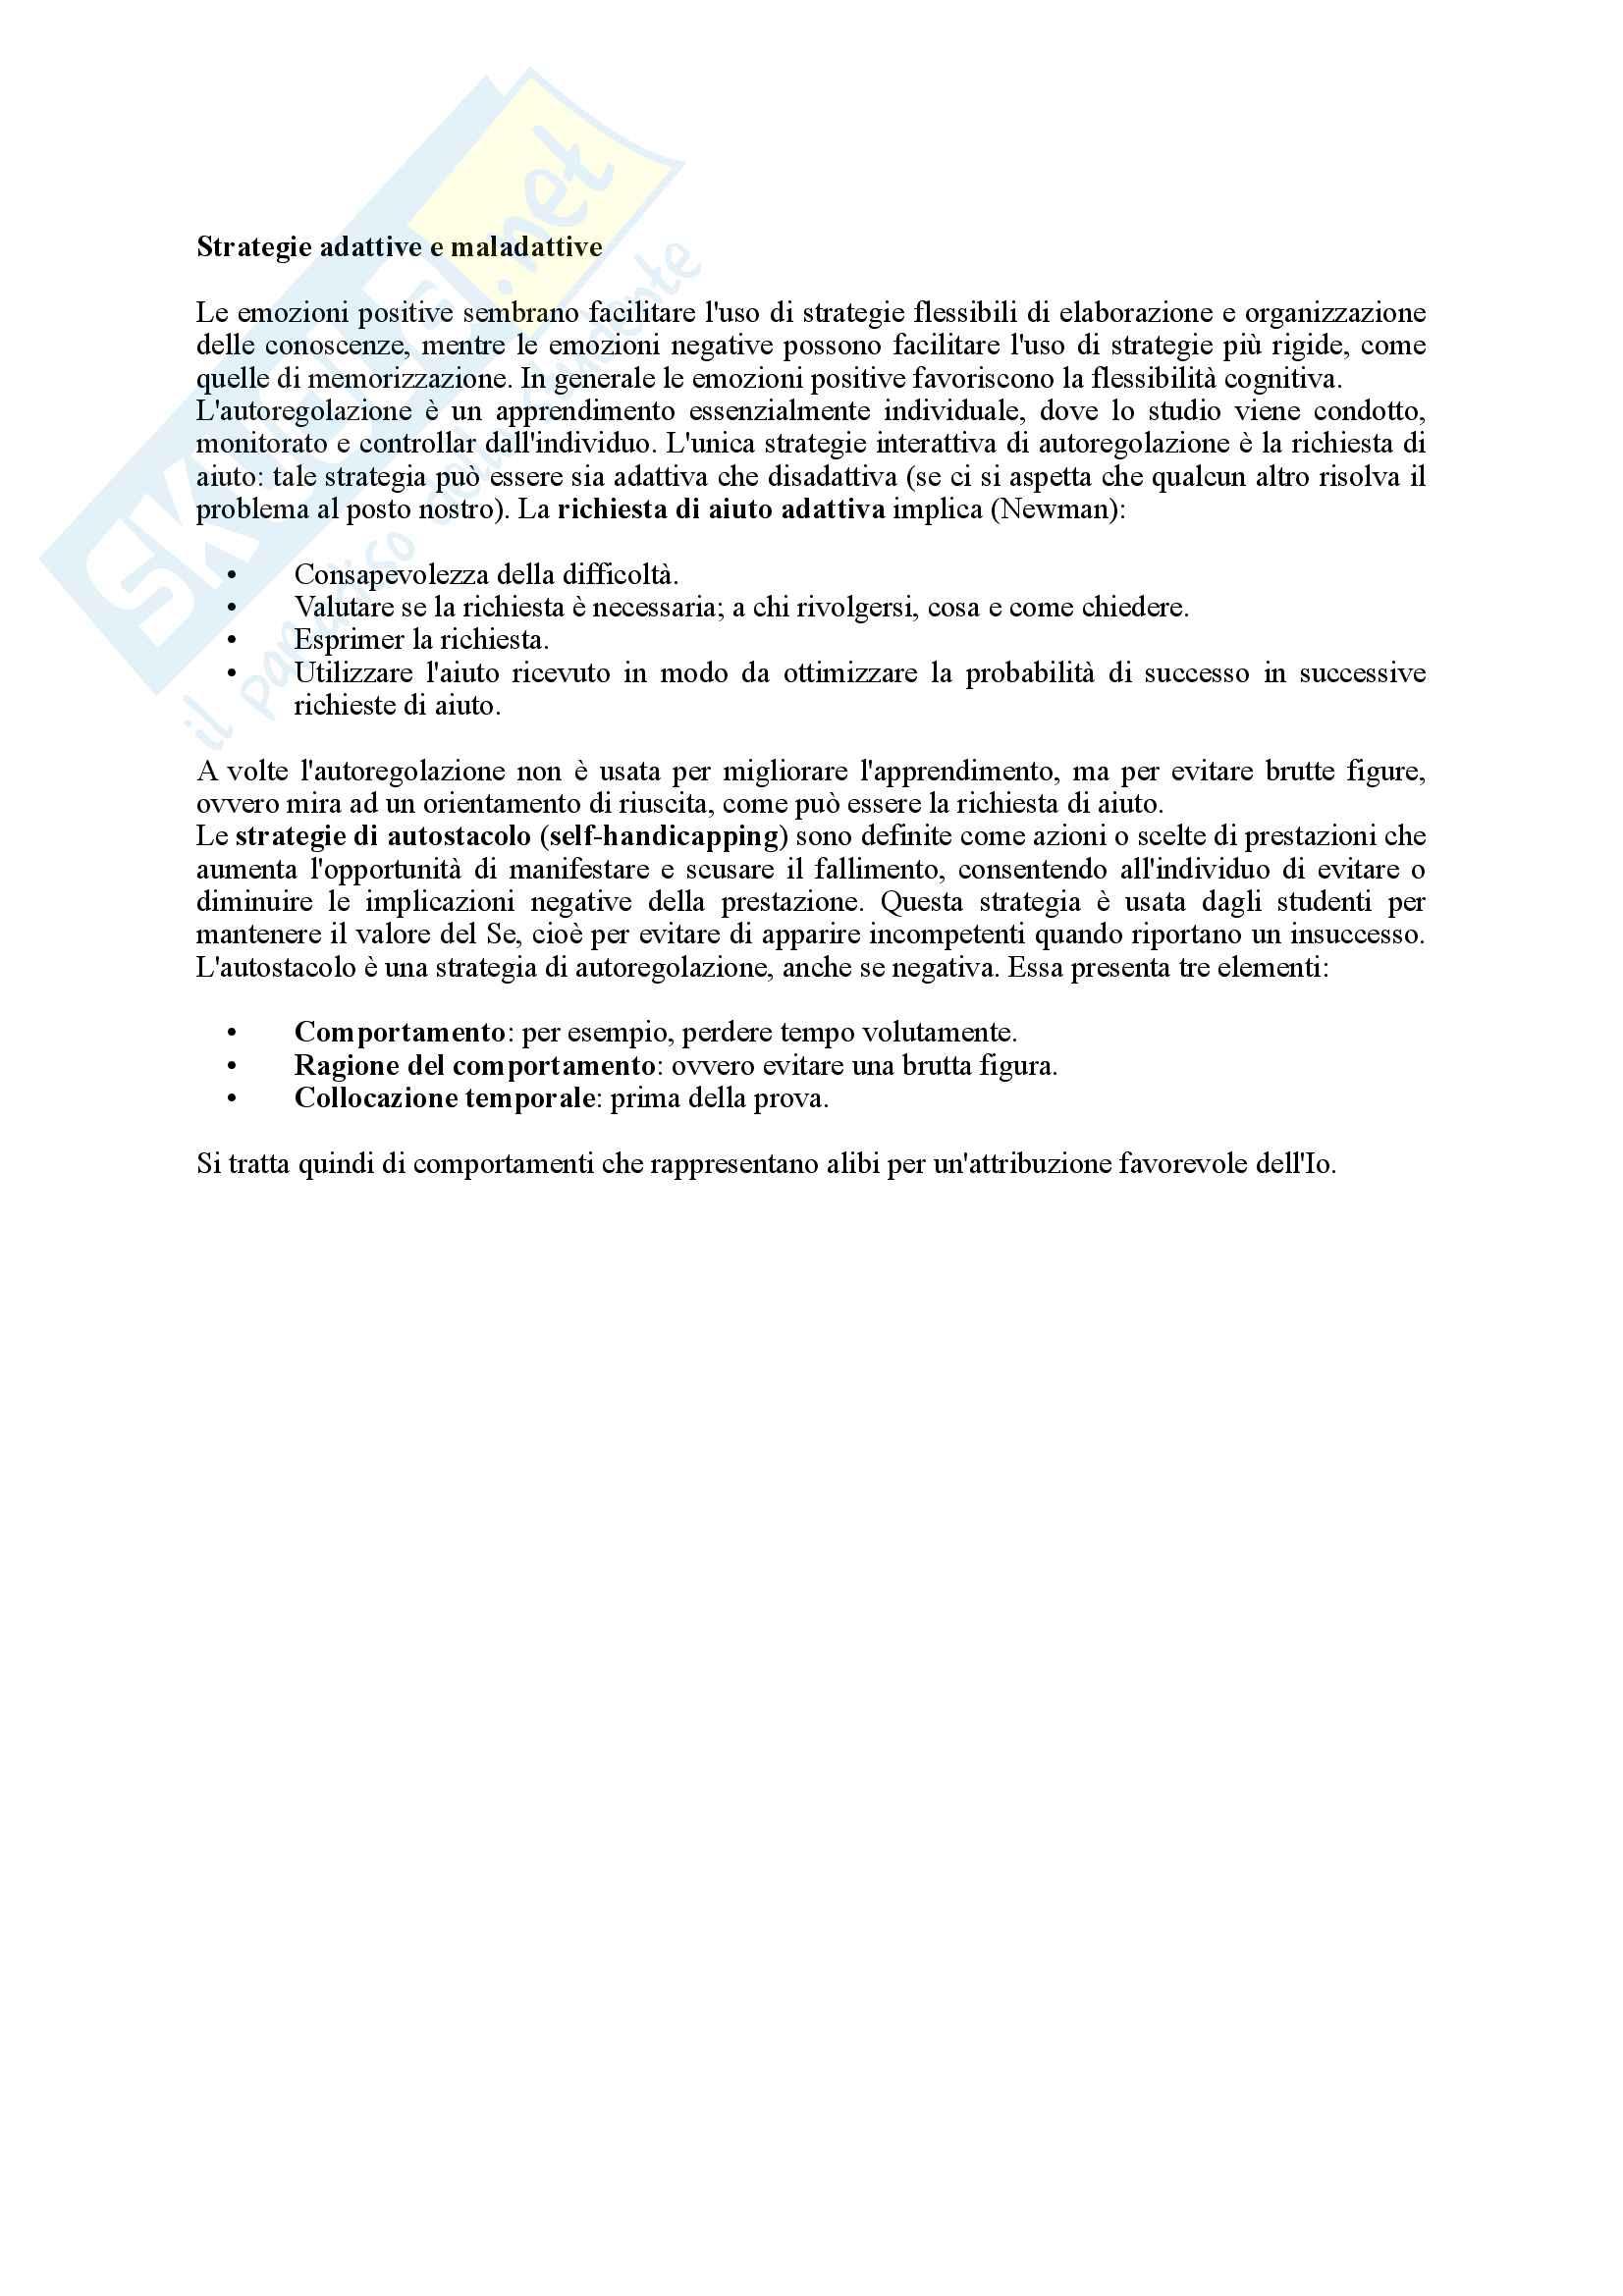 Riassunto esame Psicologia dell'Educazione, prof. Pinto, libro consigliato Psicologia dell'Apprendimento e dell'Istruzione, Mason Pag. 21